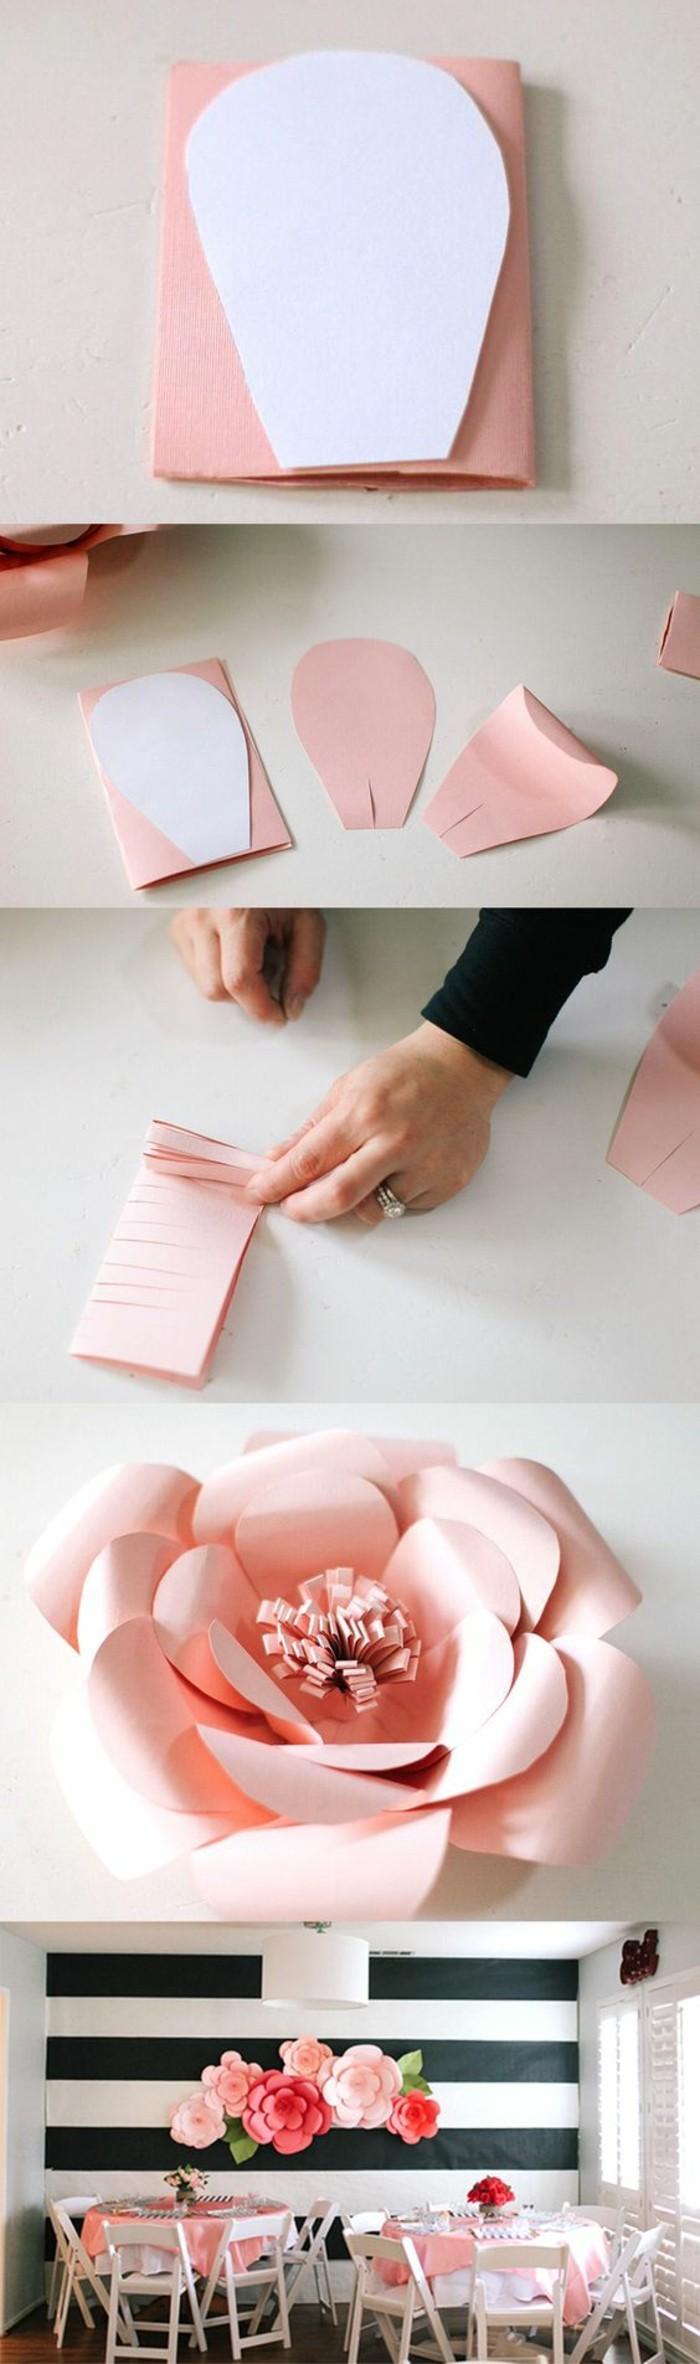 2-wanddeko-selber-machen-fruhlingdeko-bastaln-rosan-aus-papier-basteln